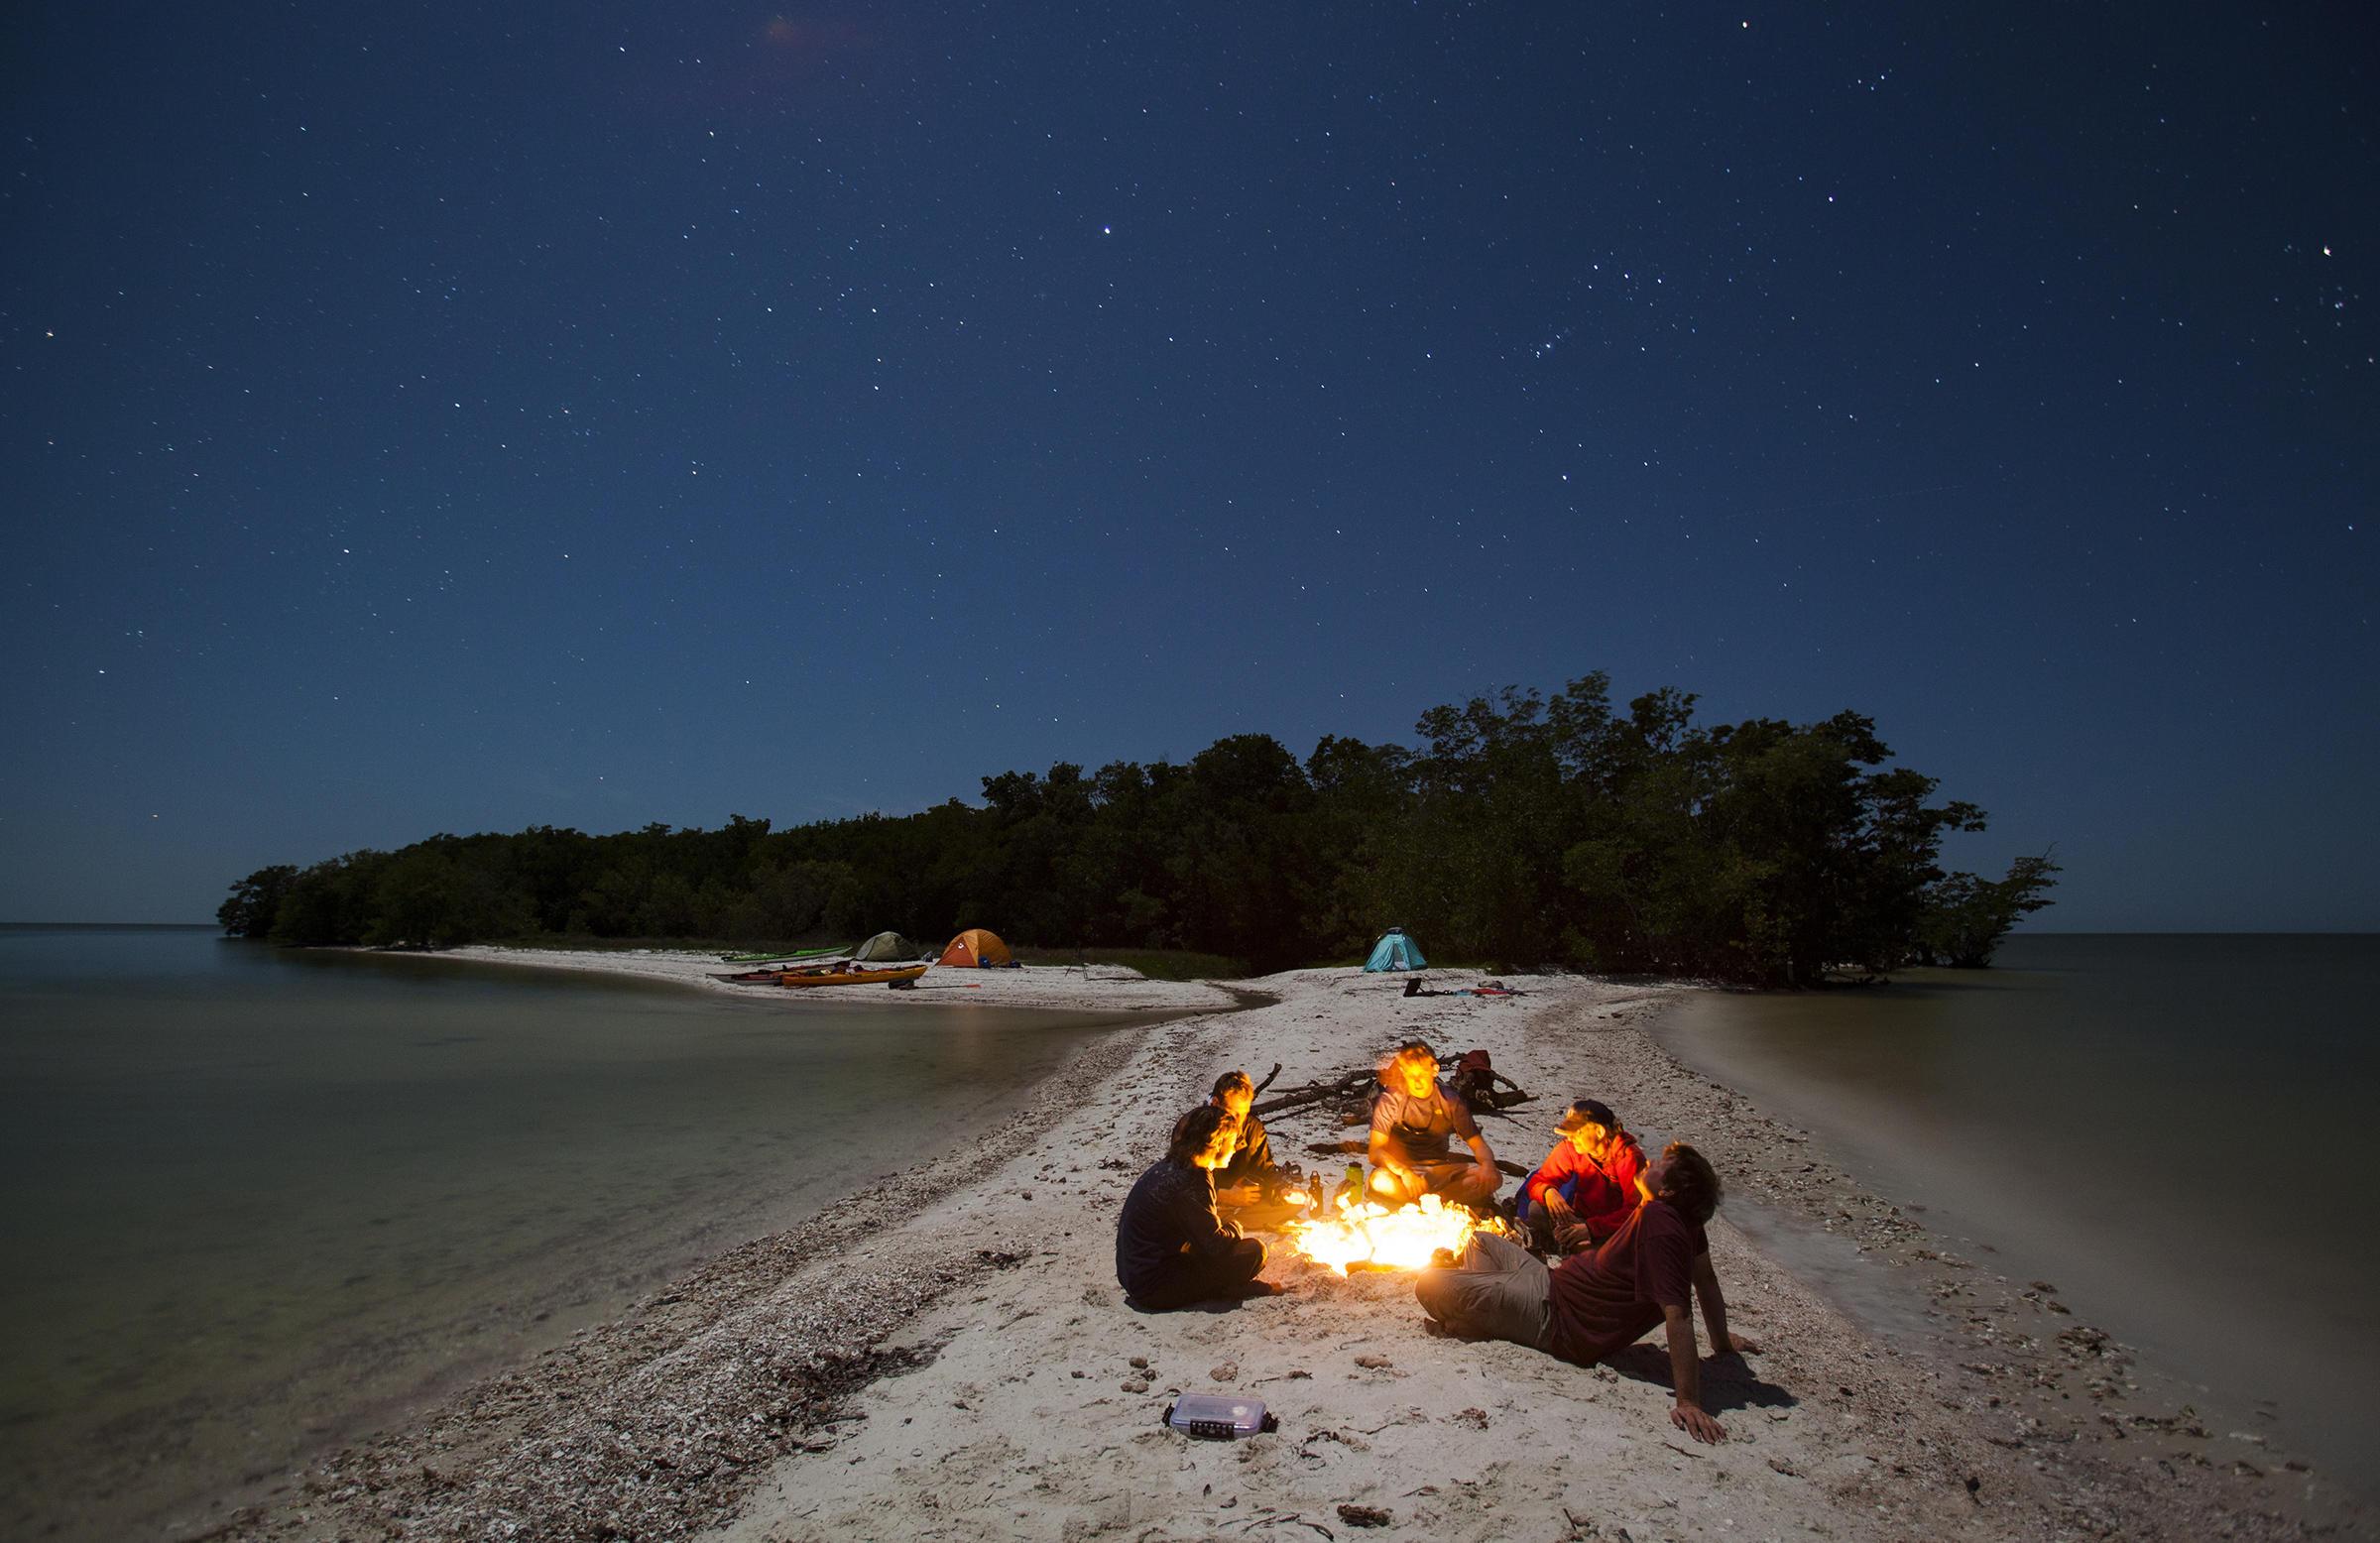 Everglades National Park, Florida. Mac Stone